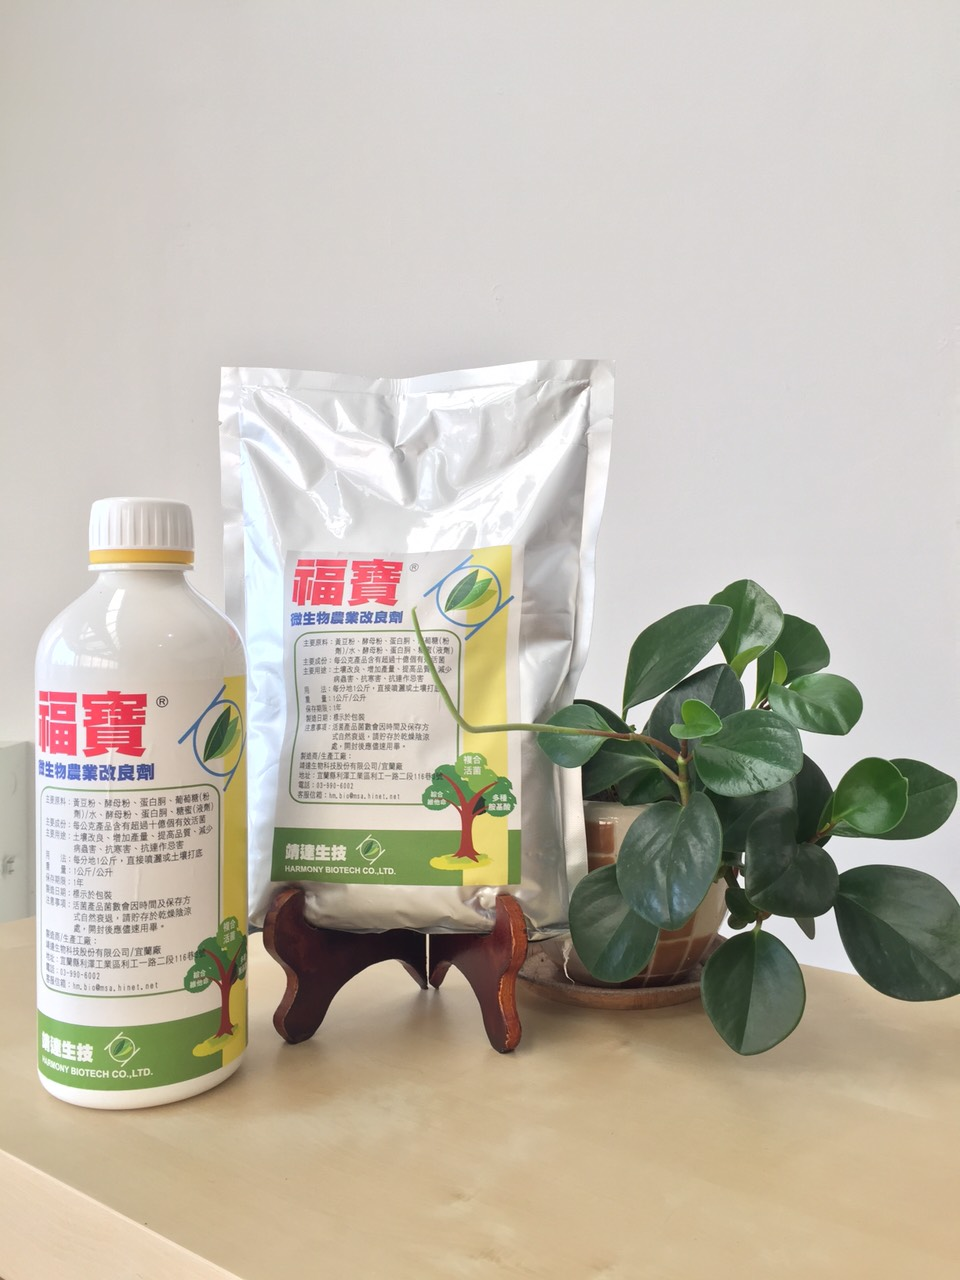 【囍艷 靖達生技】福寶 - 有機質肥料